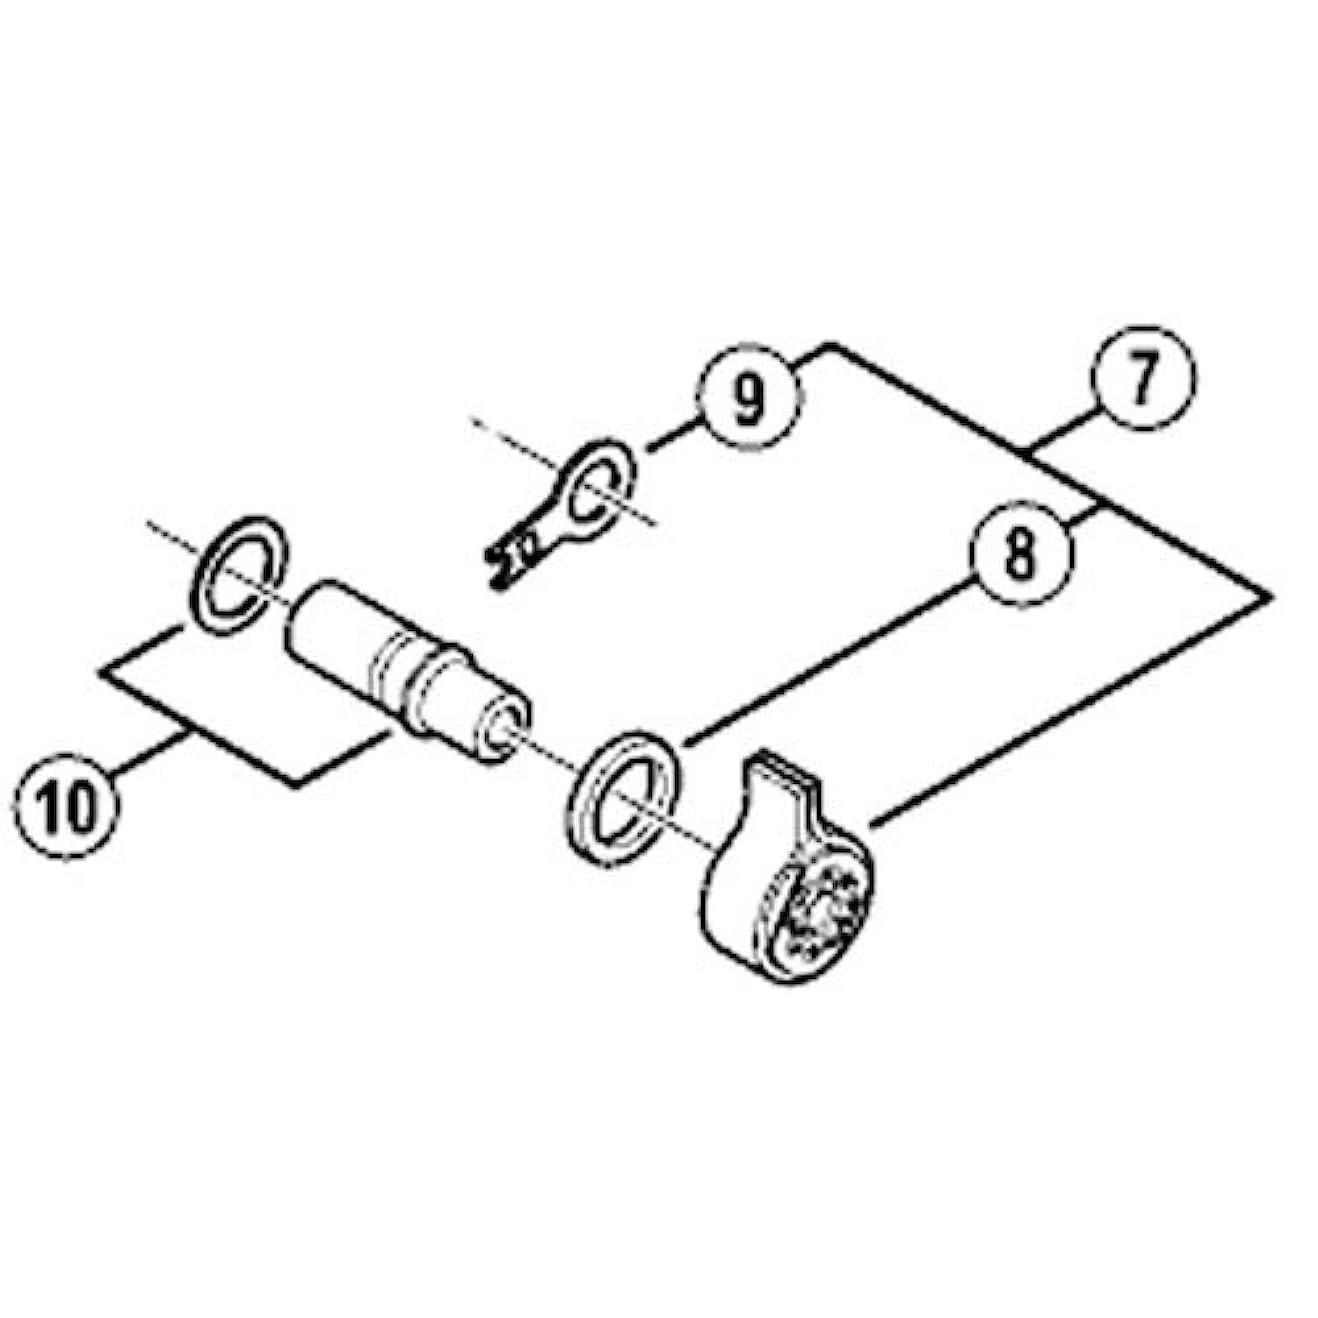 逸脱逃げるハードウェアSHIMANO(シマノ) プレート軸ユニット&P軸ワッシャー RD-M985-SGS RD-M985-GS Y5XD98050